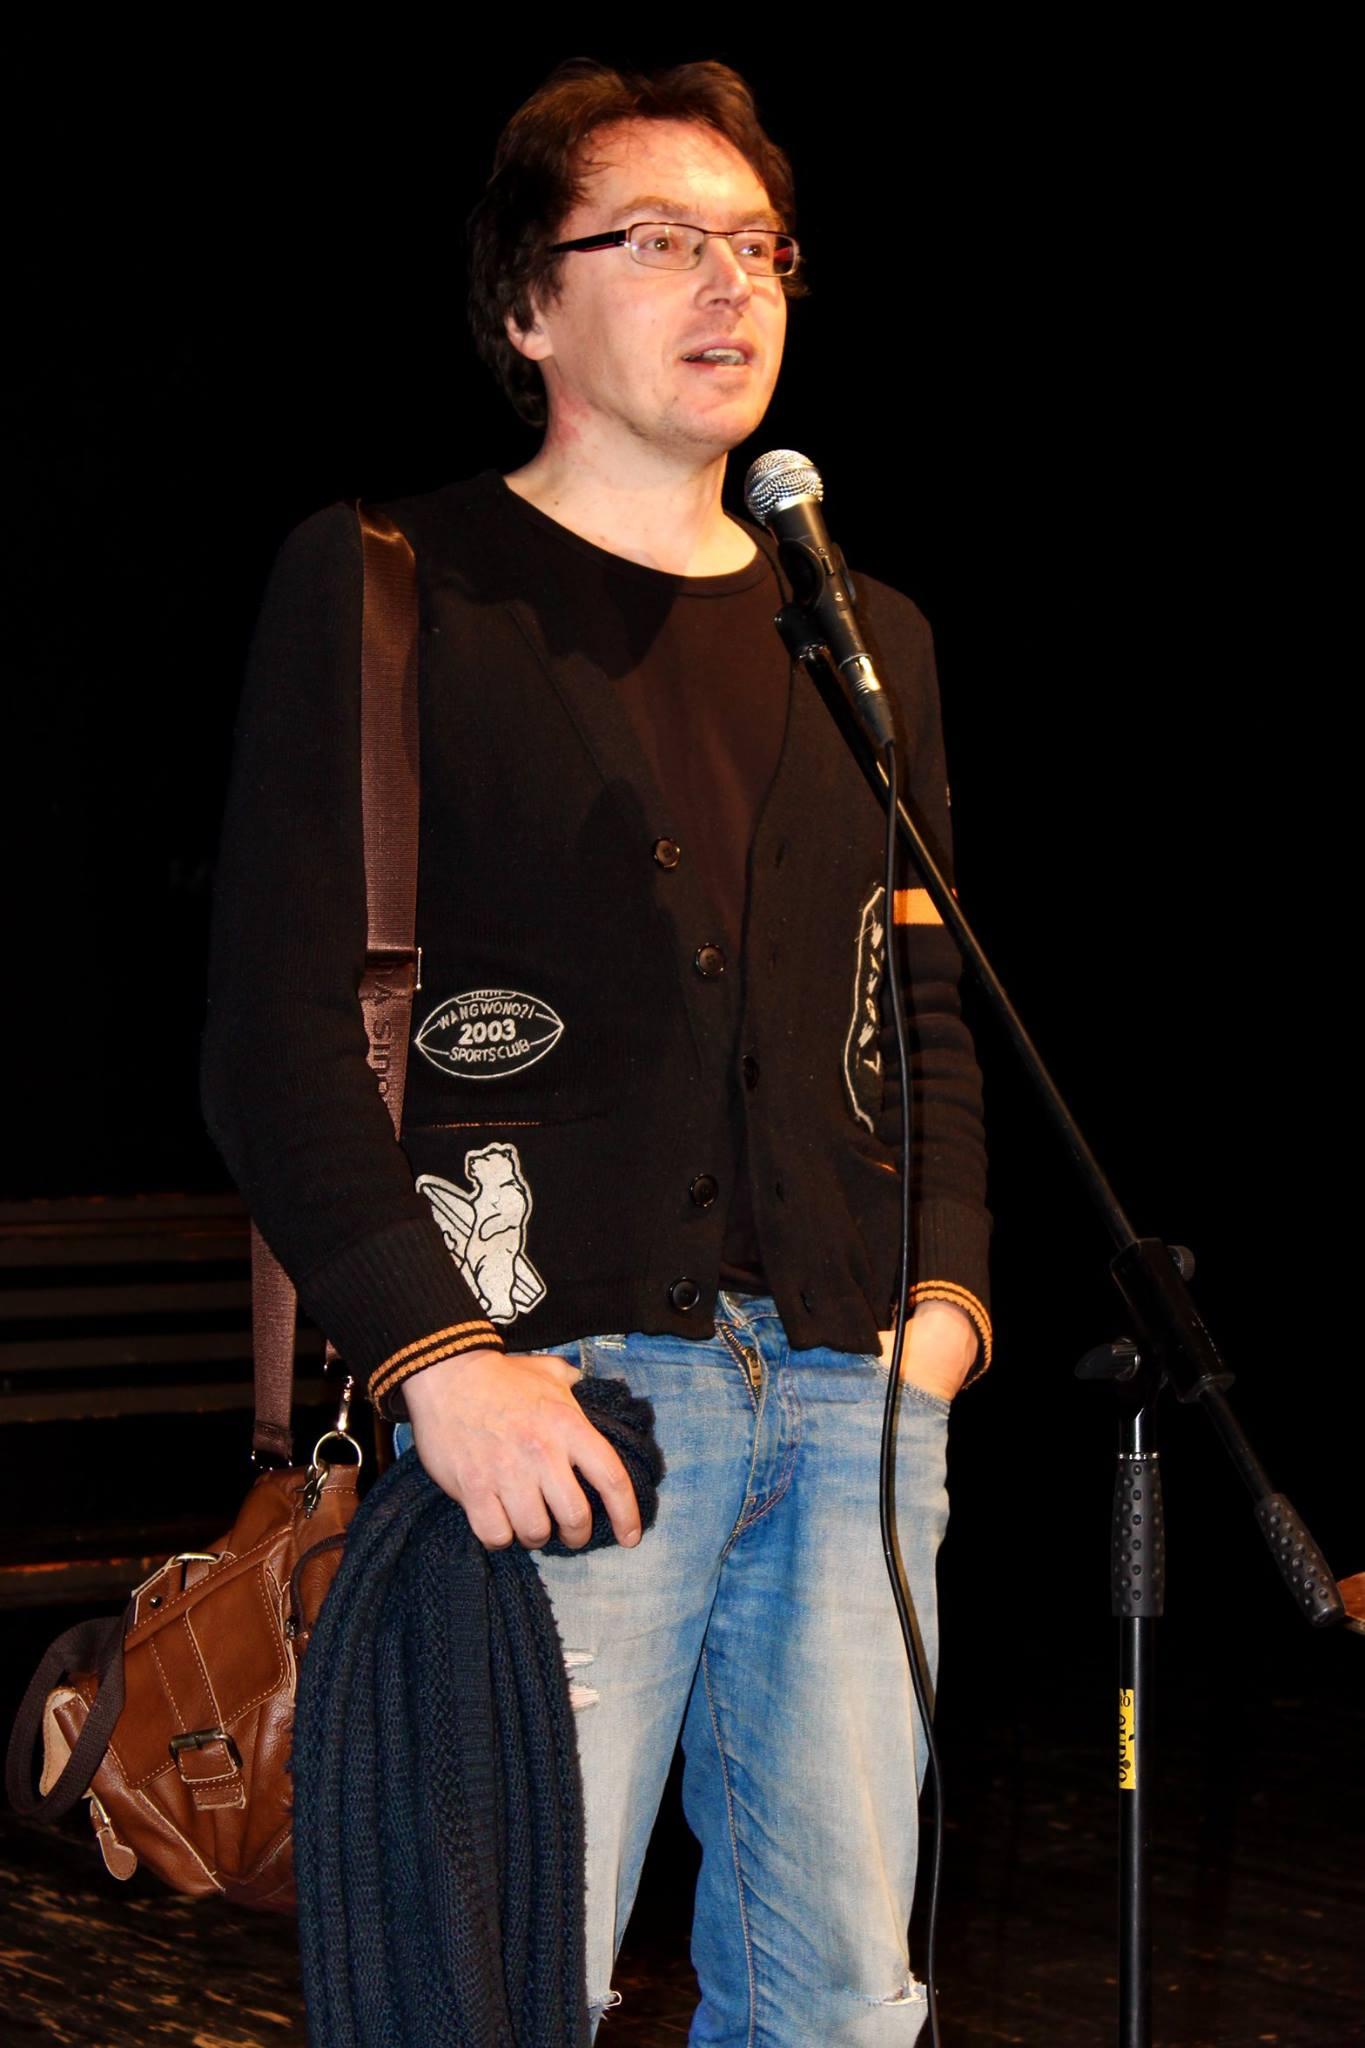 Дмитрий Воденников. Фото Е. Краснощековой